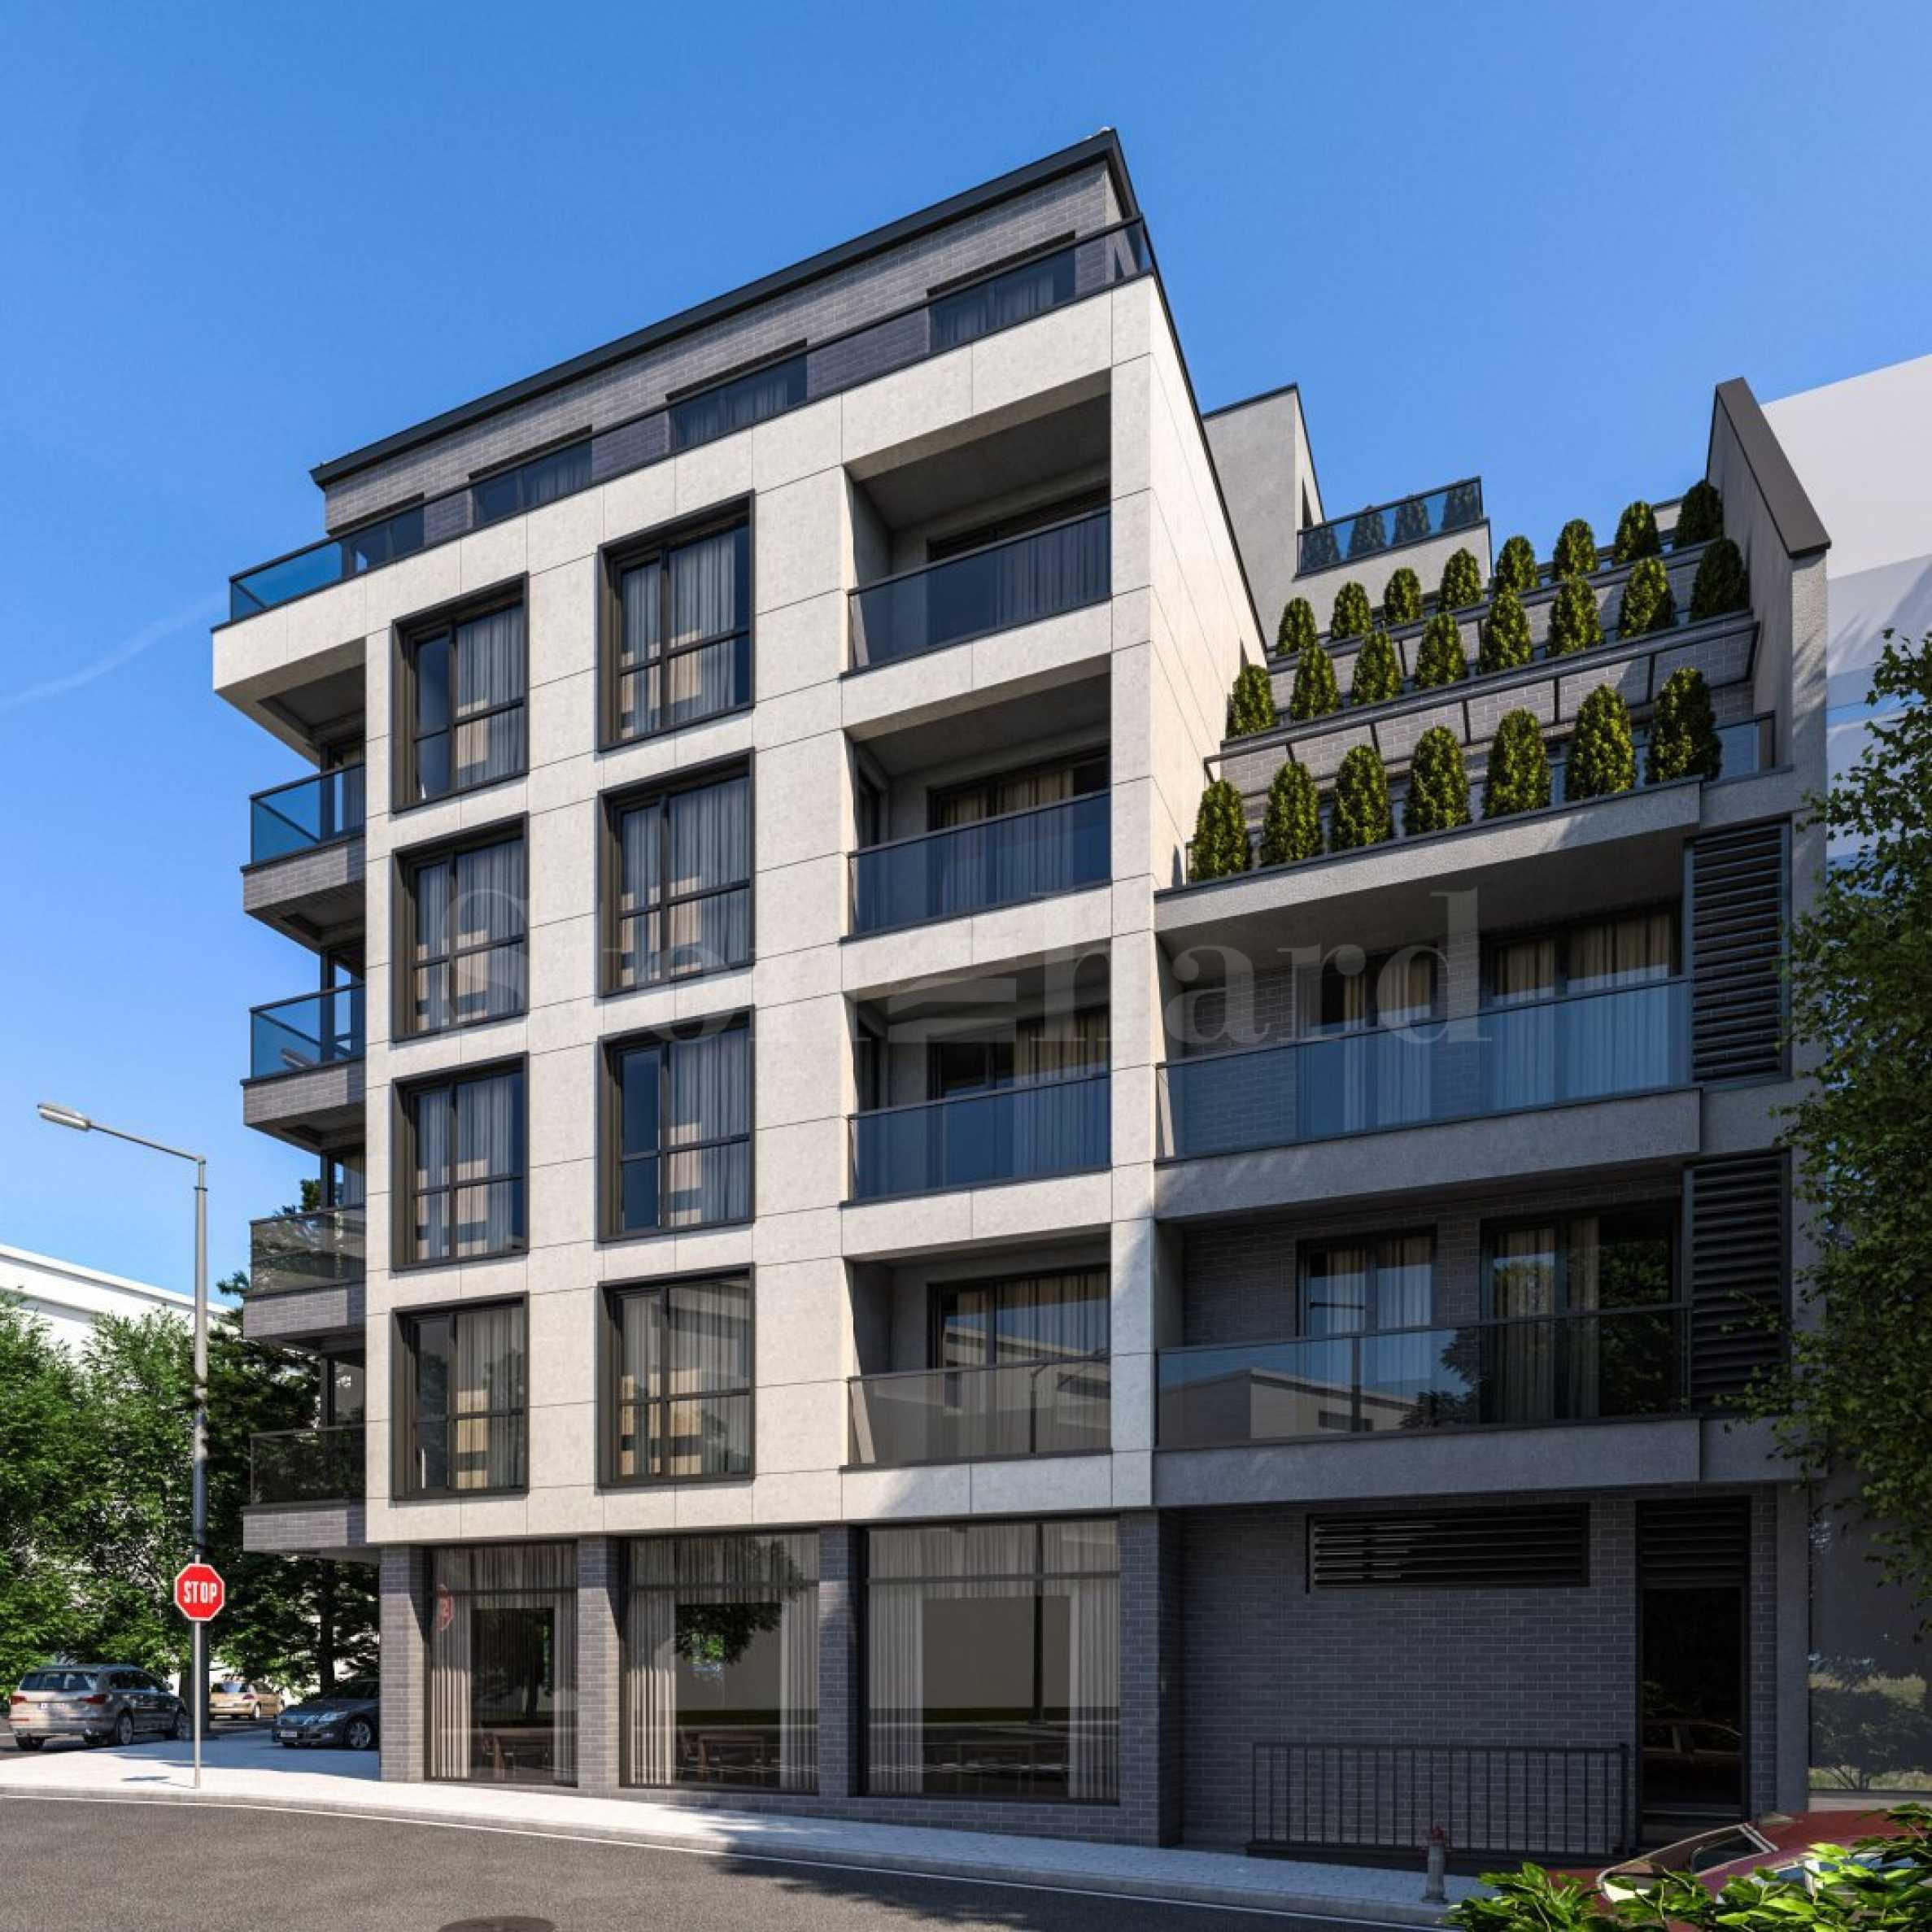 Апартаменти в елитна сграда ново строителство в центъра на Бургас2 - Stonehard